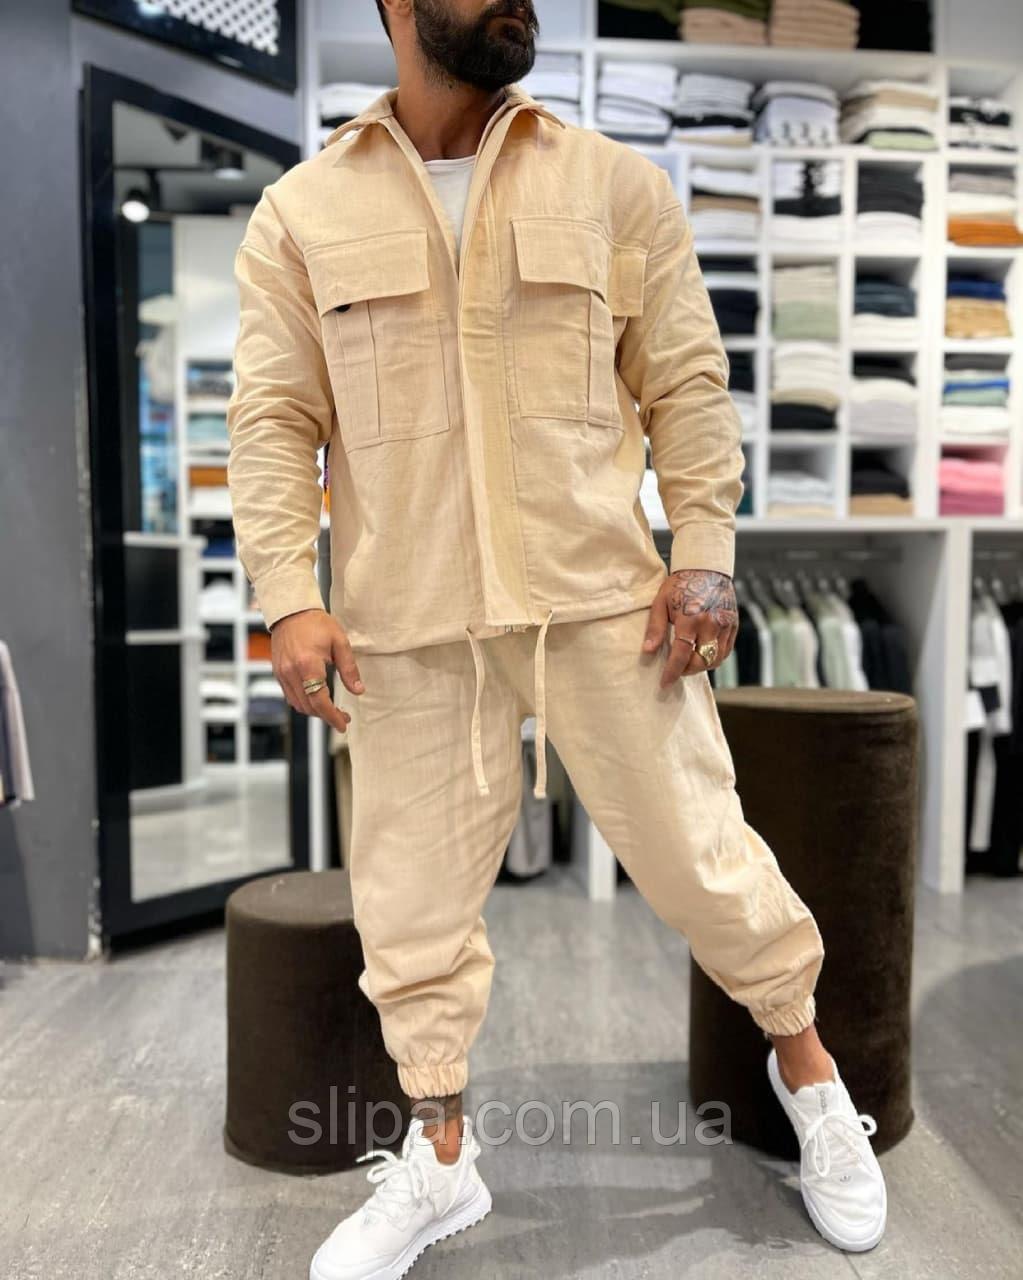 Бежевый мужской комплект рубашка на молнии и штаны | Турция | 100% хлопок